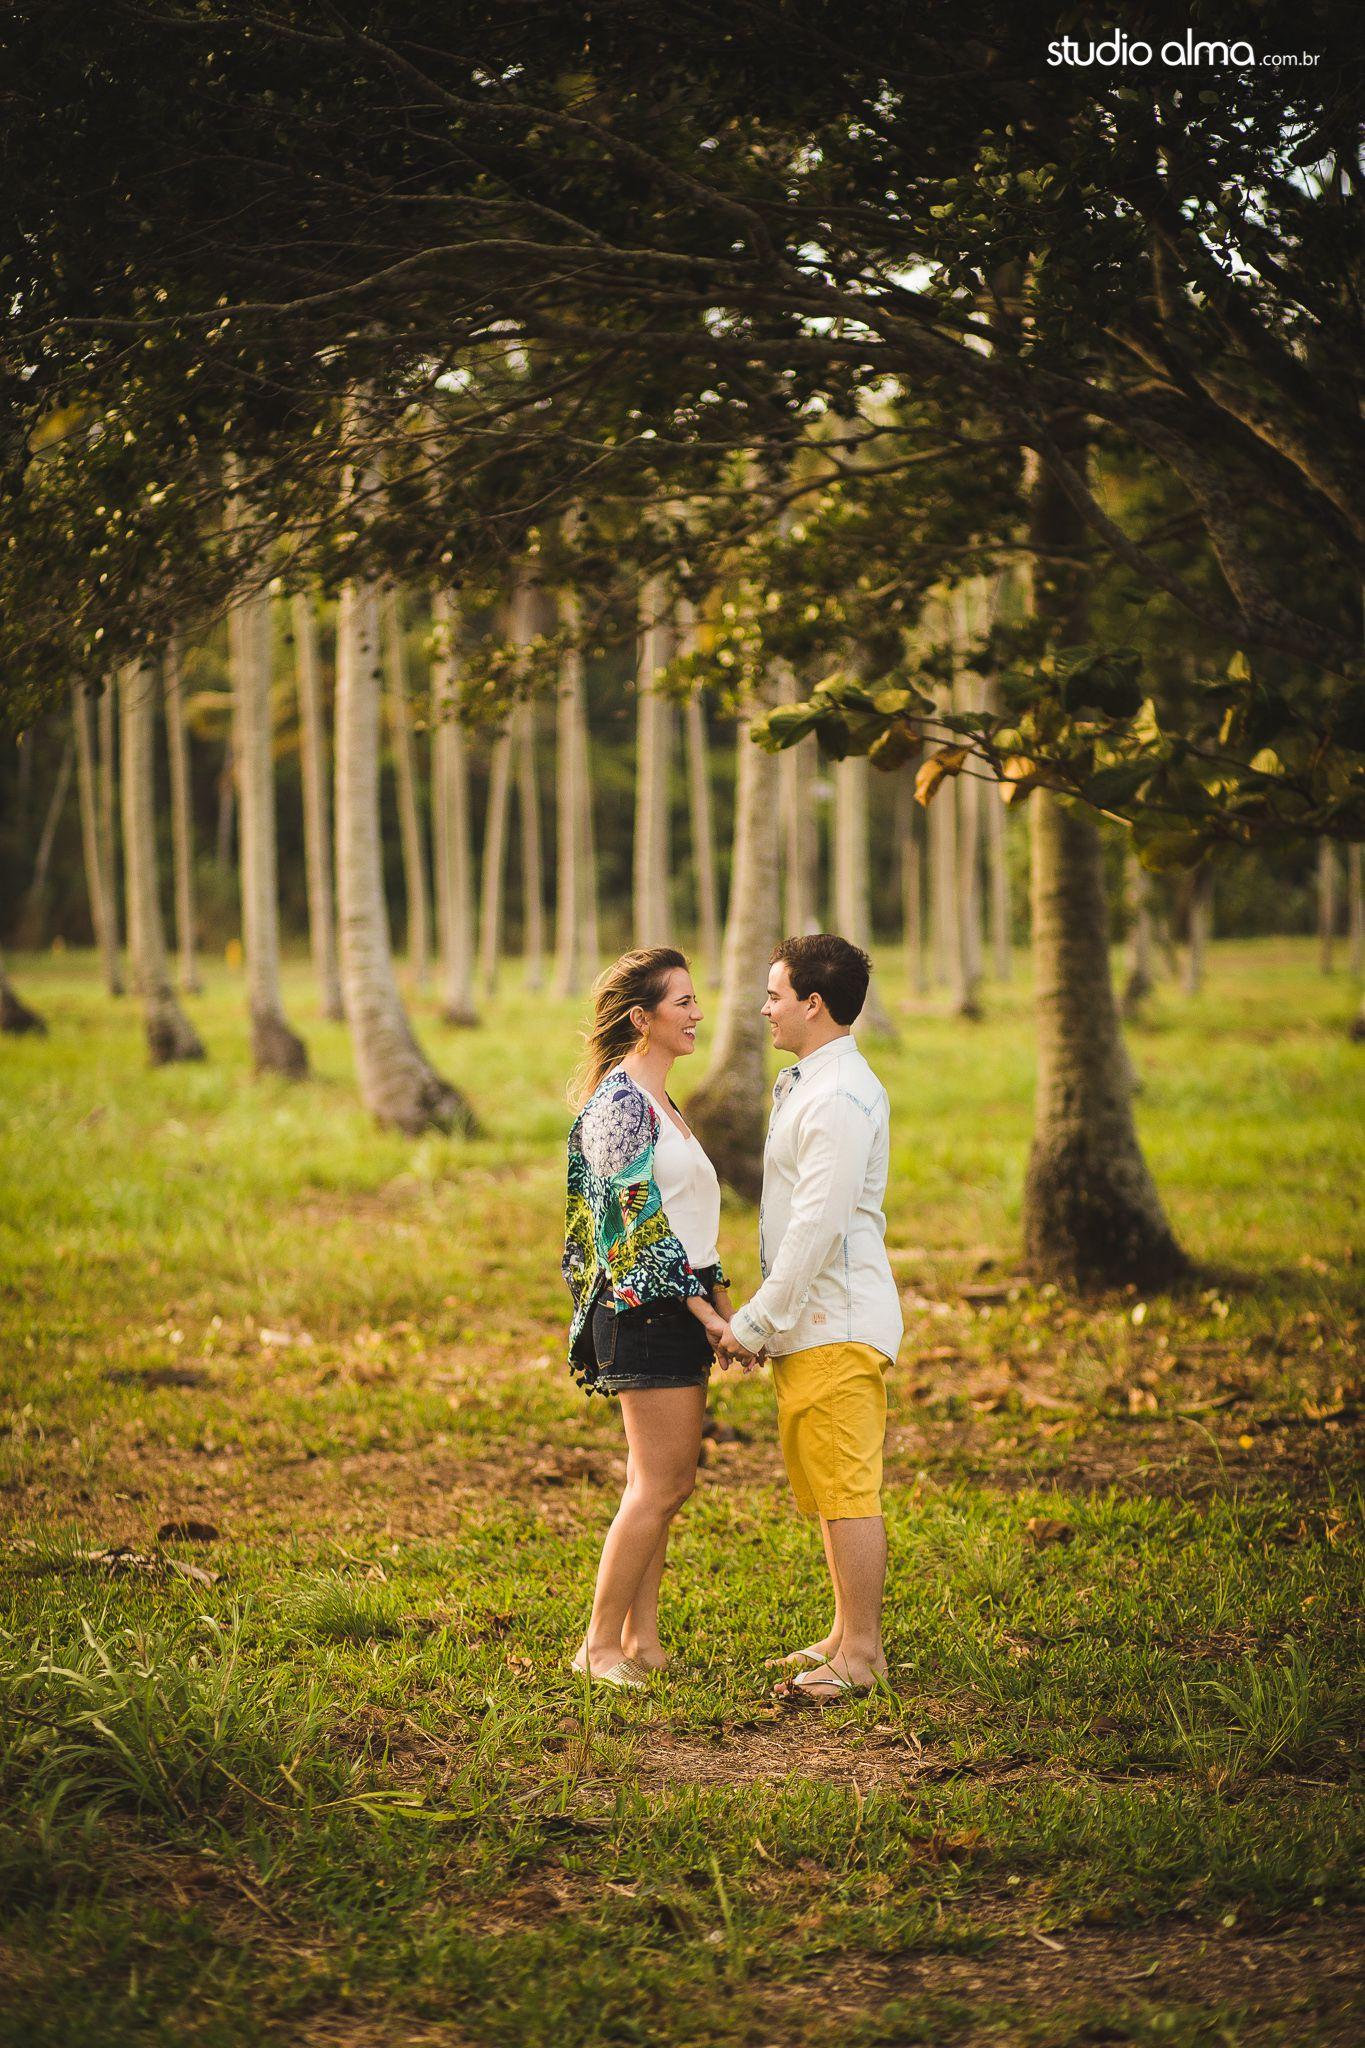 Letícia-André-E-Session-53 Romance e Felicidade - Letícia e André | ensaio pré-wedding